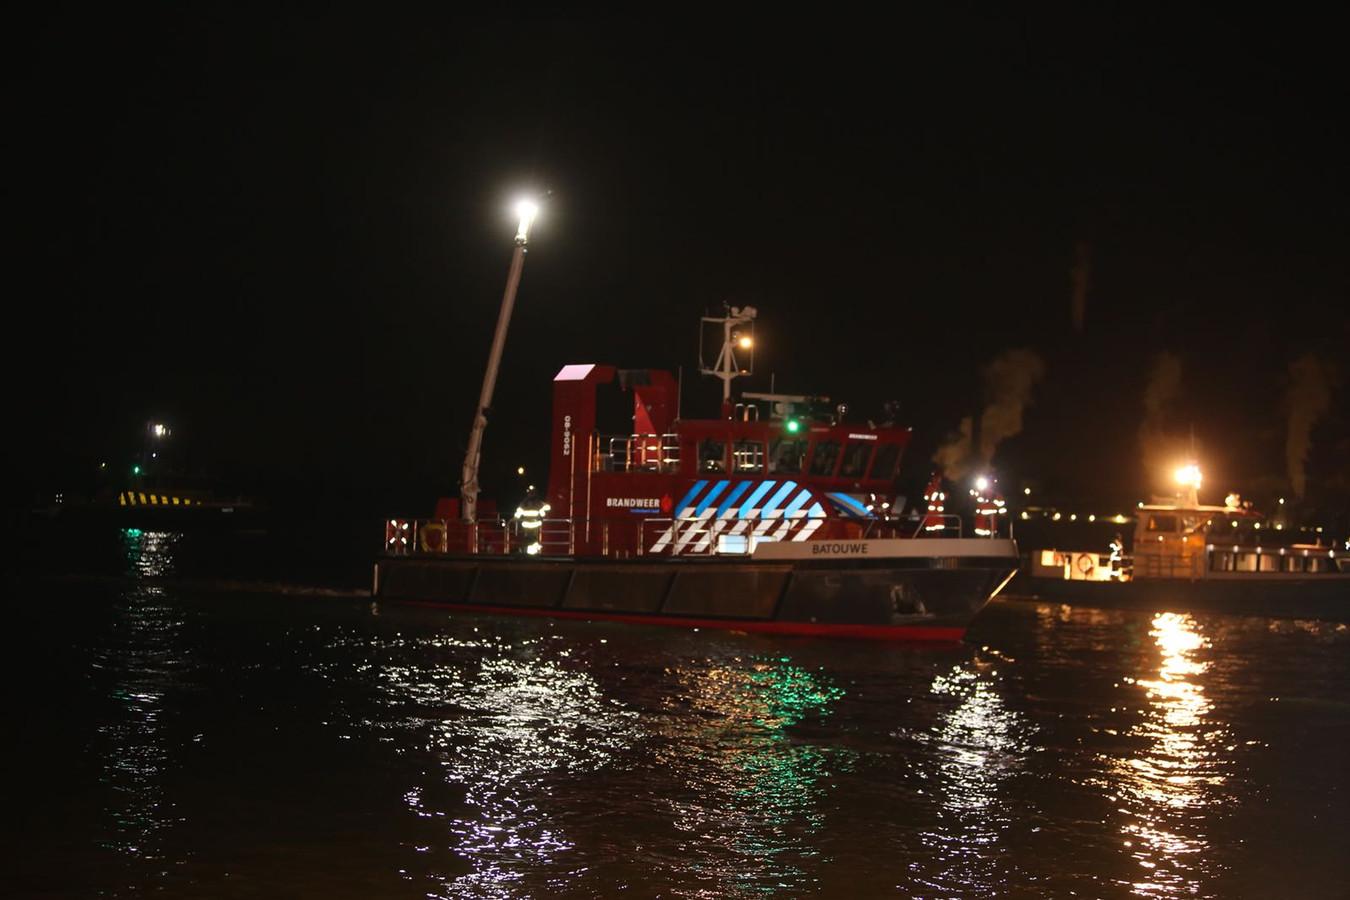 De brandweer is met duikers en een boot op zoek naar de auto.